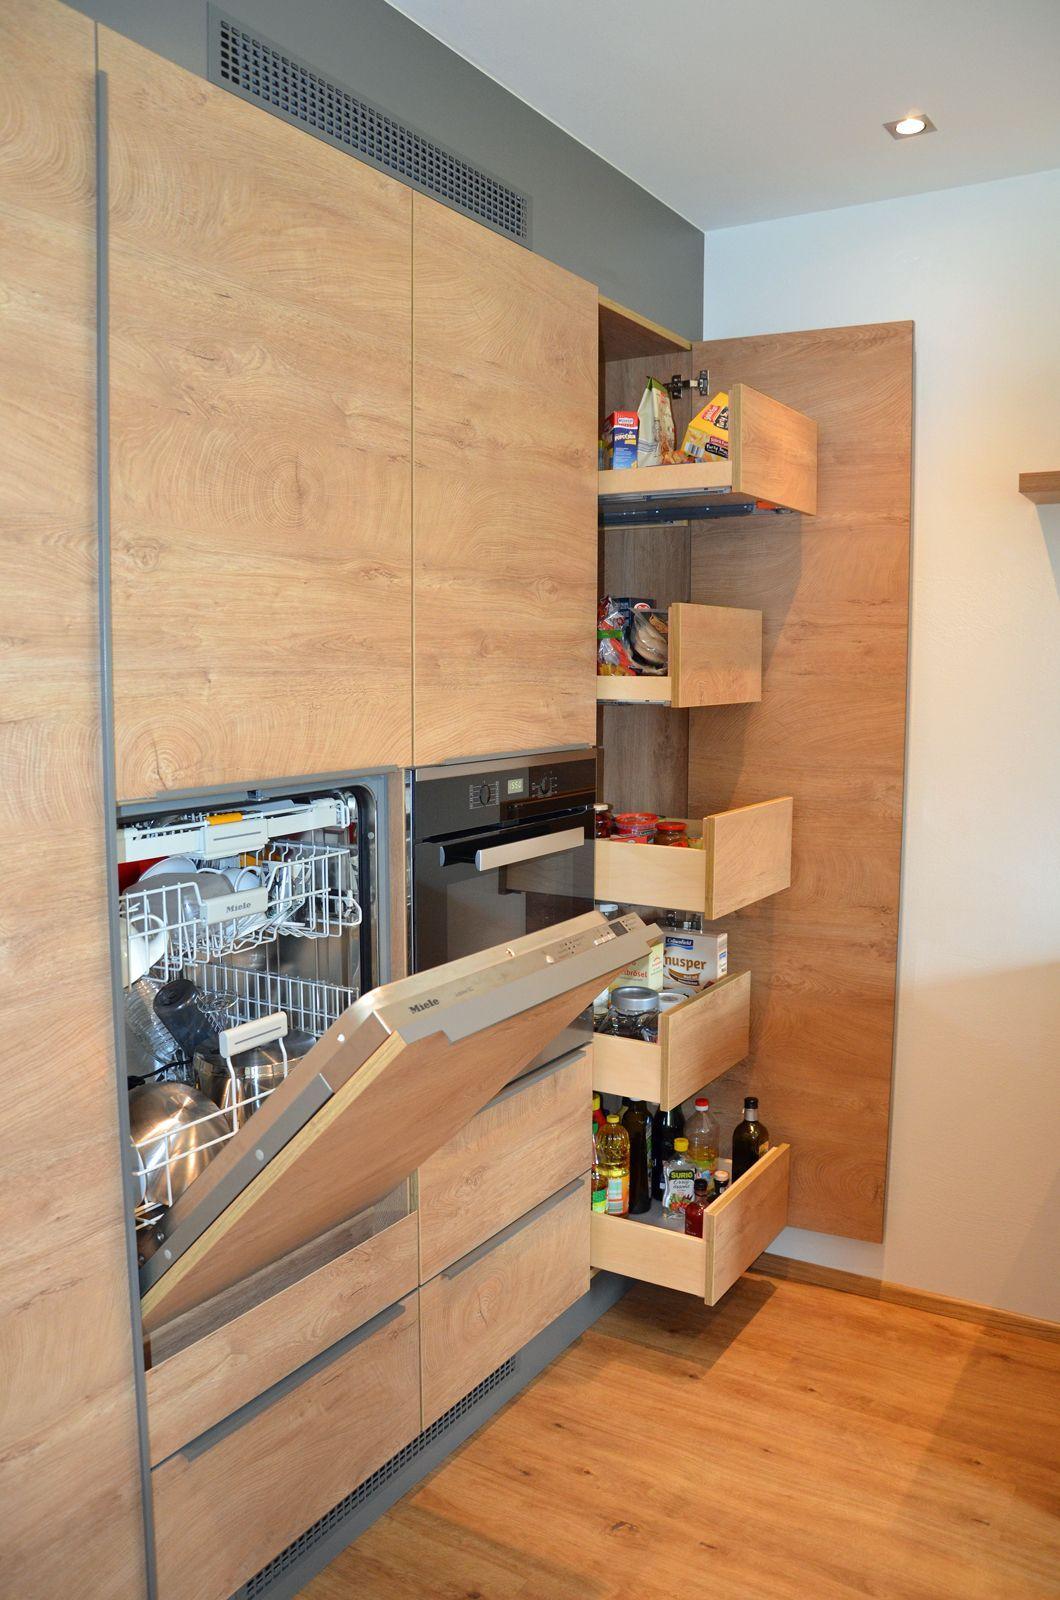 Küche in Eiche mit praktischen Auszieh- Schubladen und erhöhtem